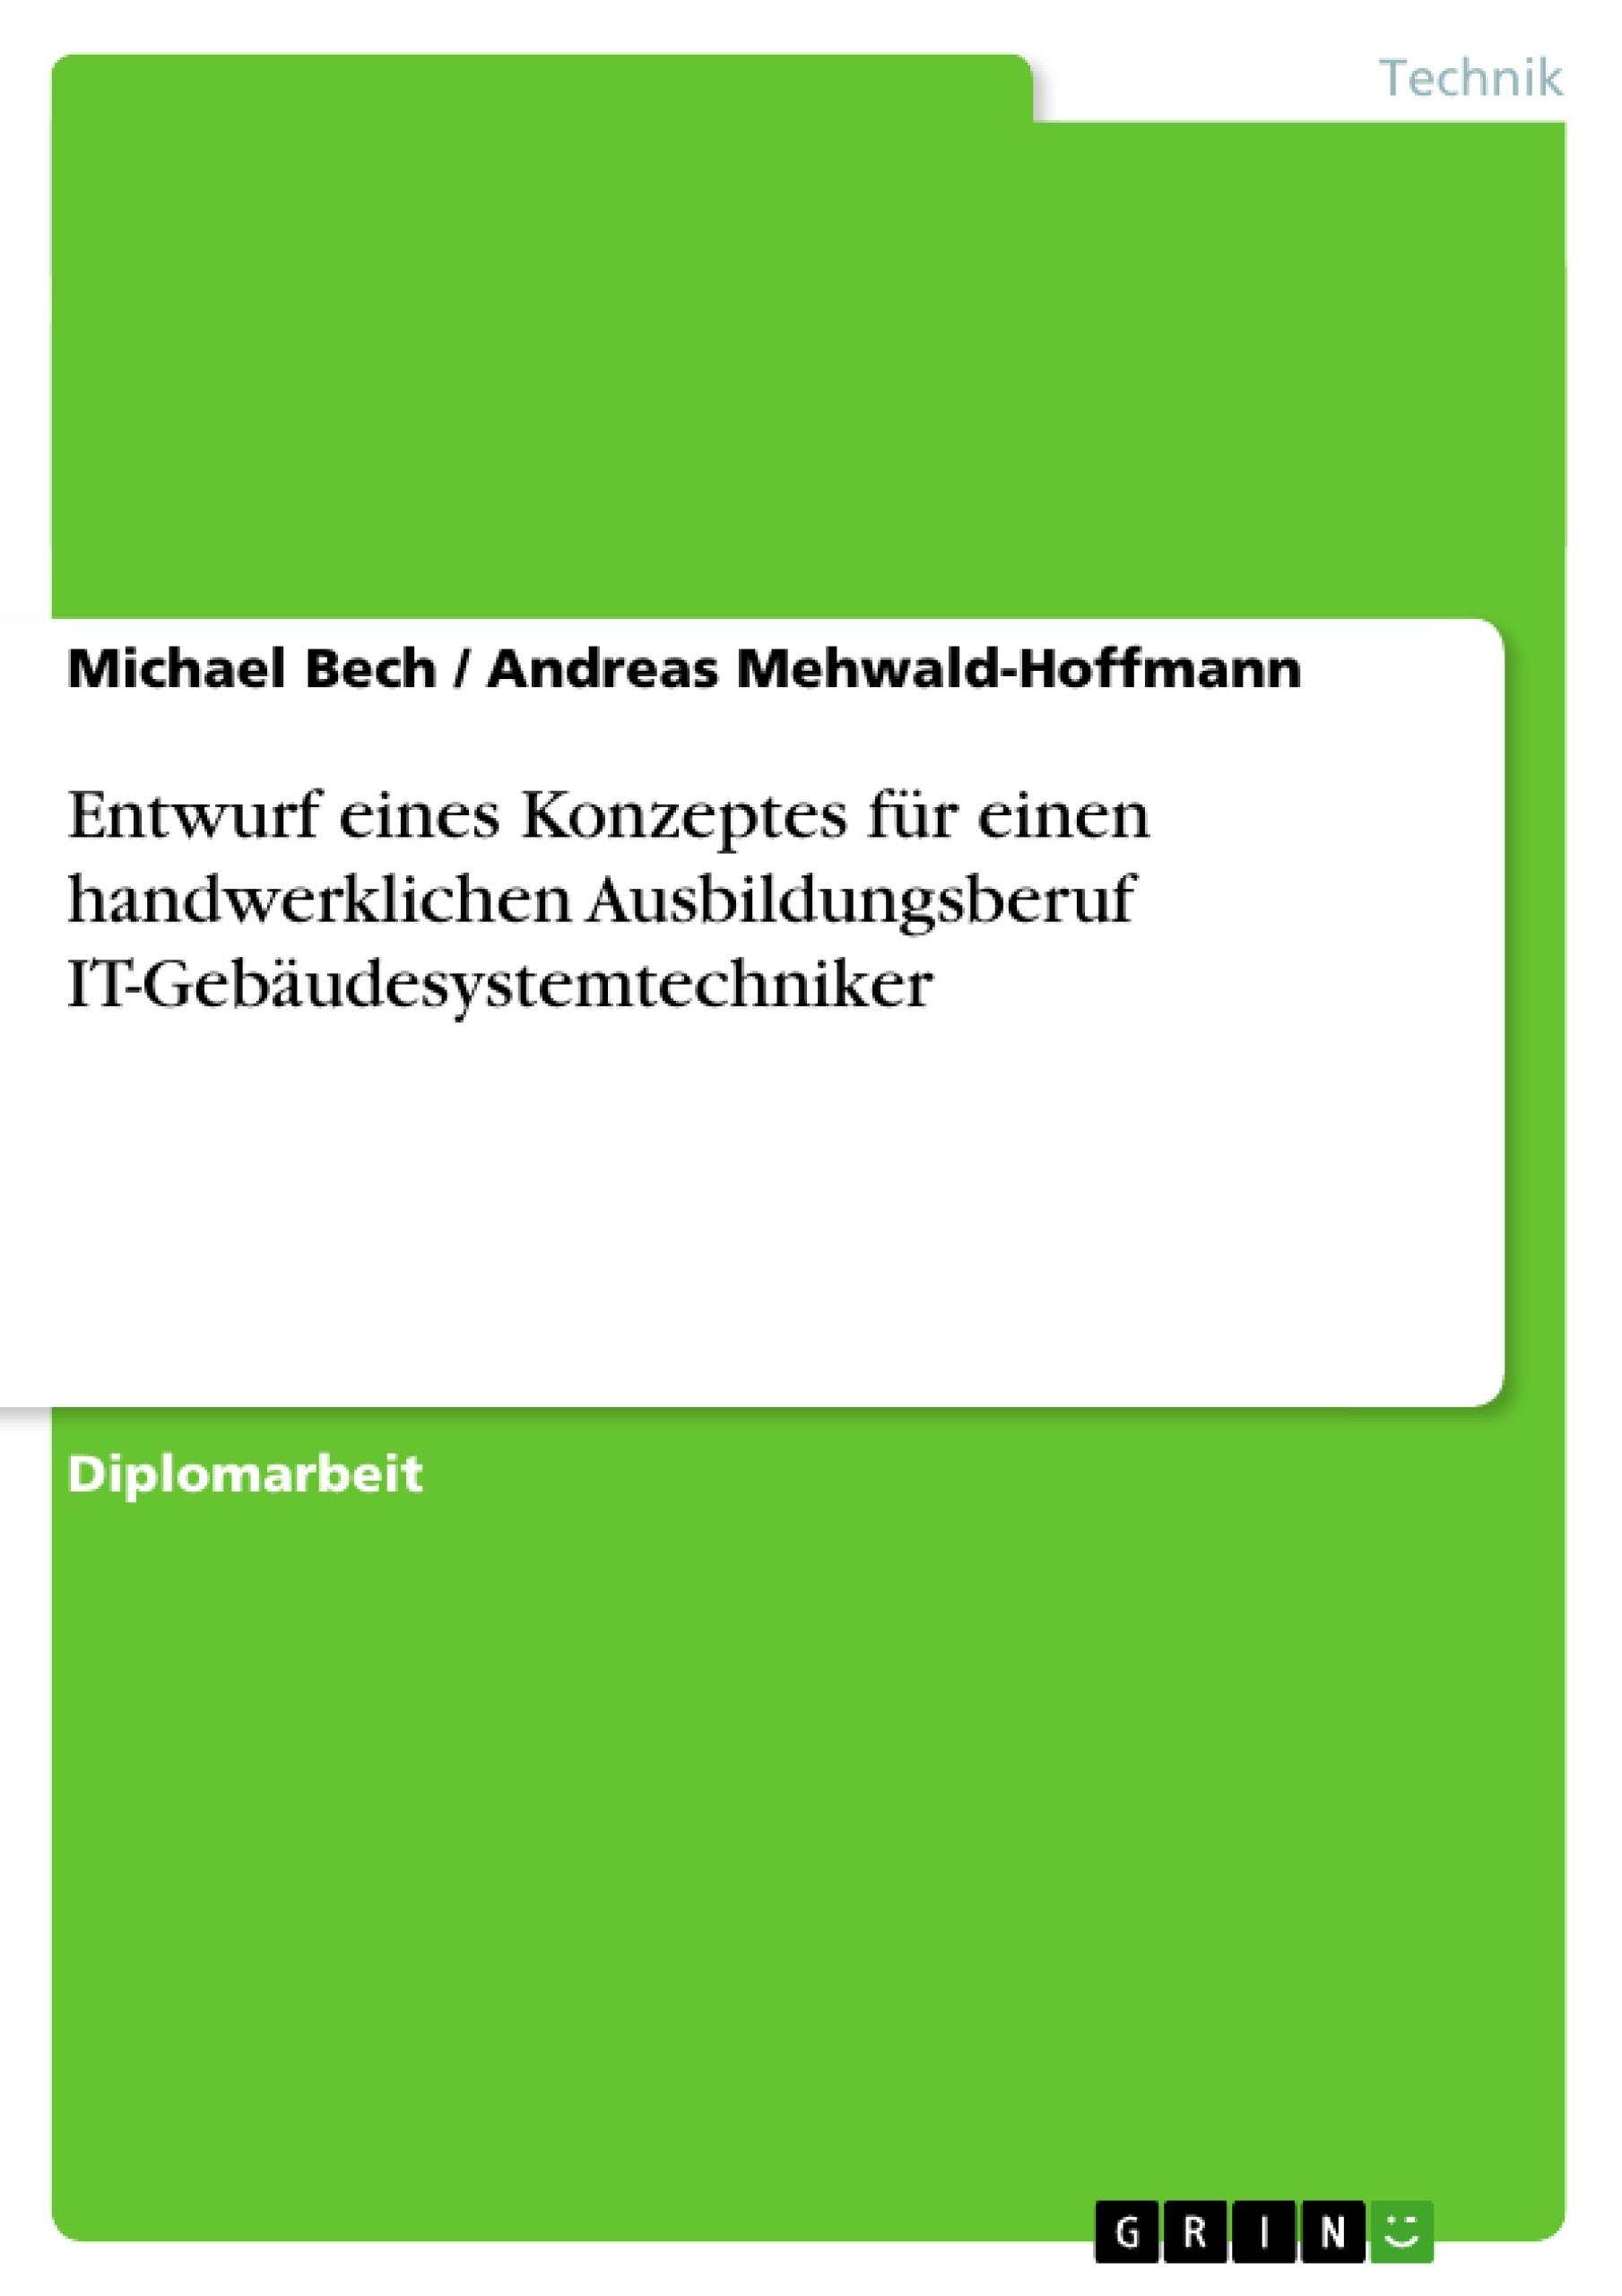 Titel: Entwurf eines Konzeptes für einen handwerklichen Ausbildungsberuf IT-Gebäudesystemtechniker